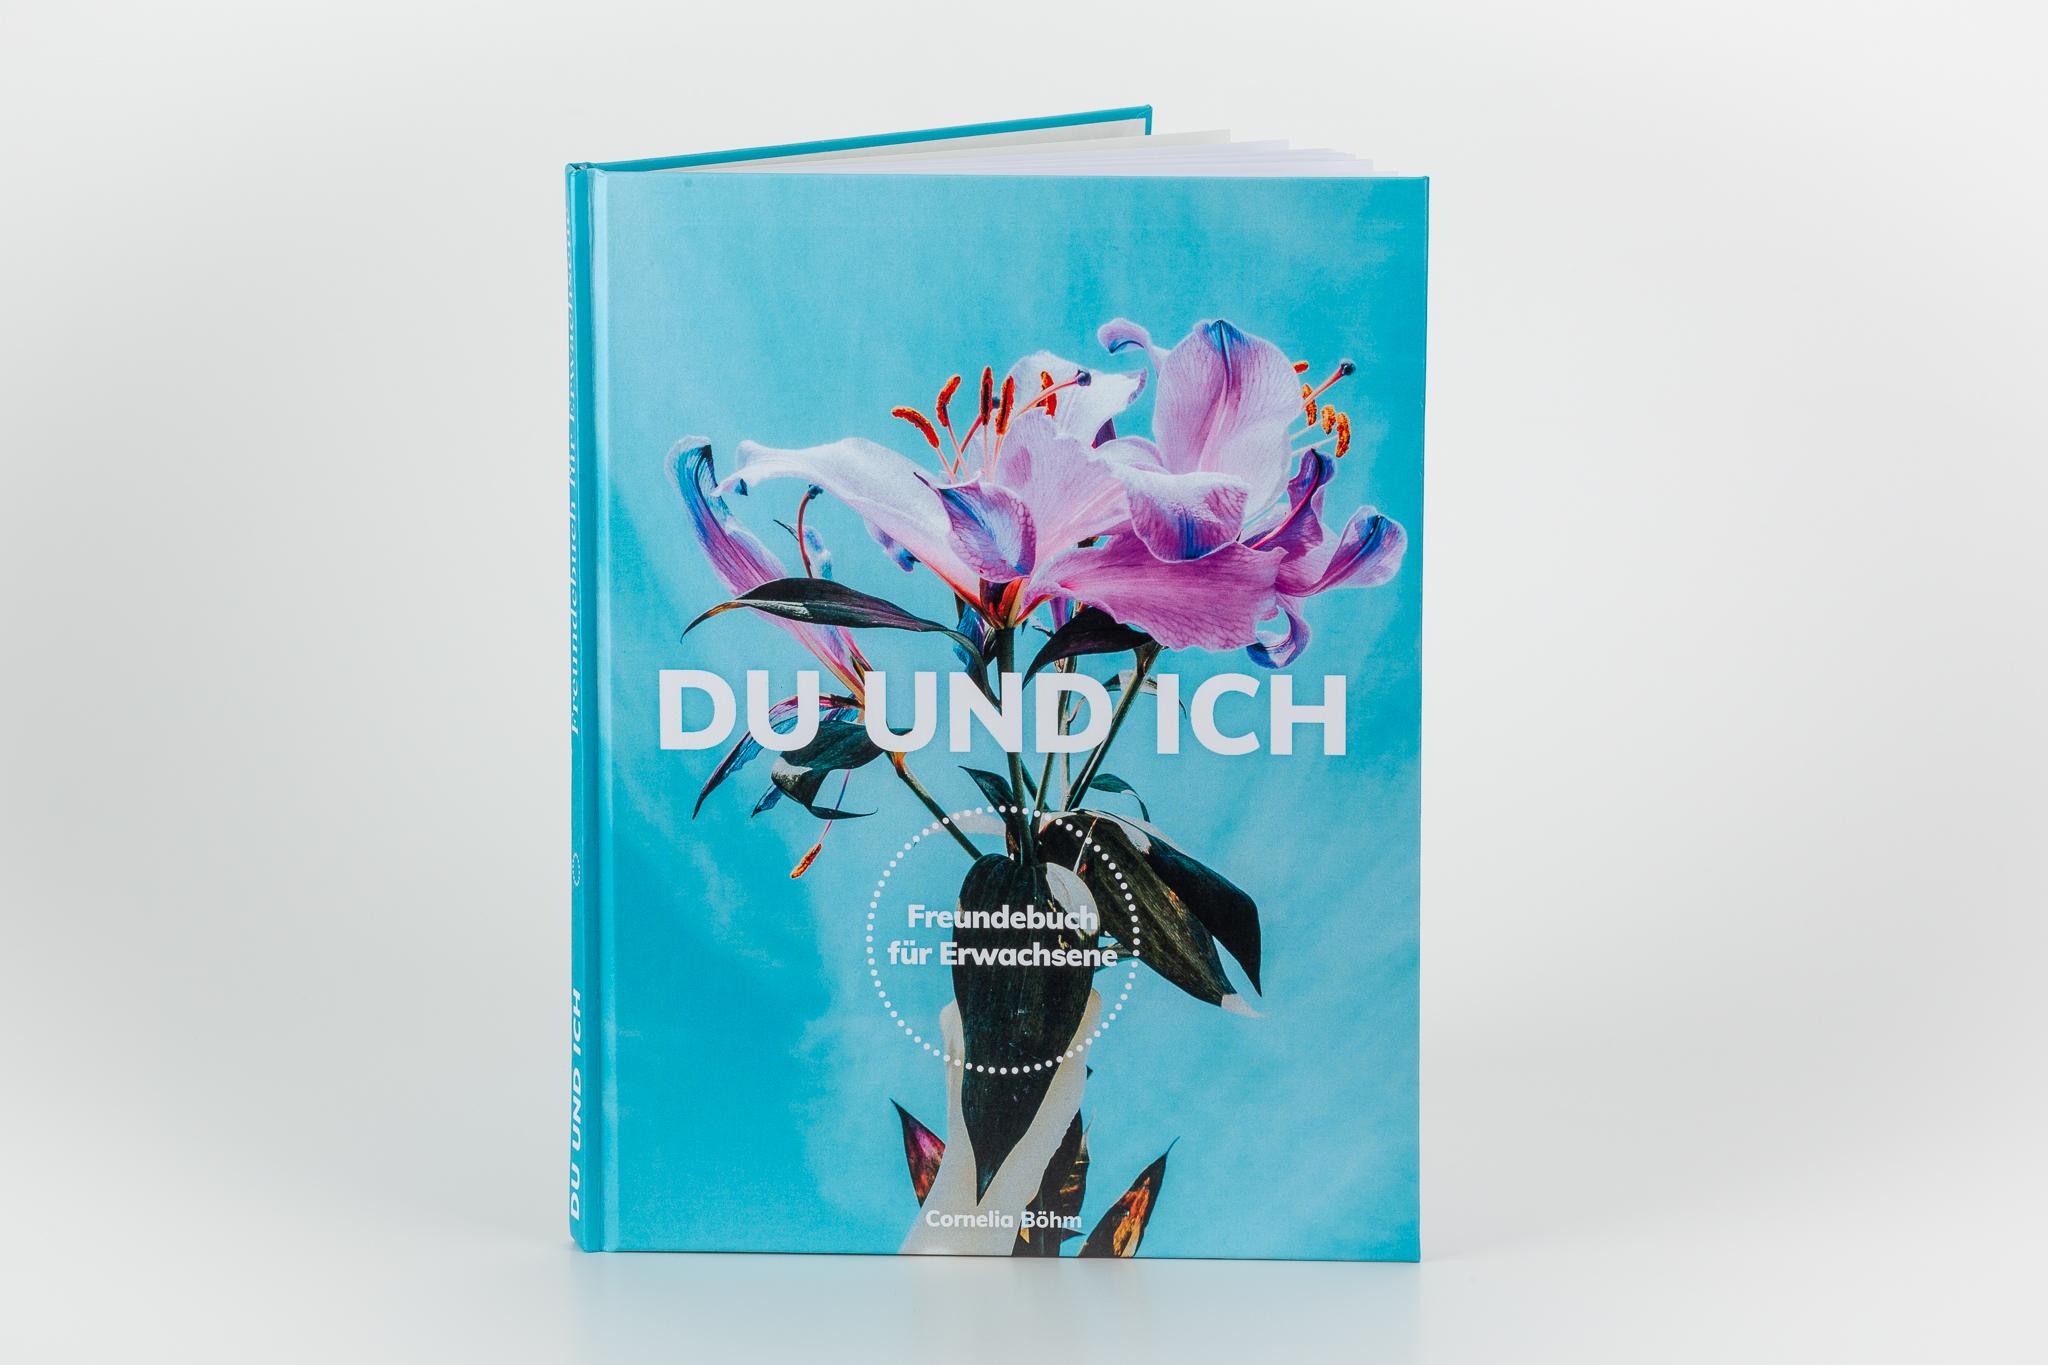 Du und Ich - Freundebuch für Erwachsene von Cornelia Böhm